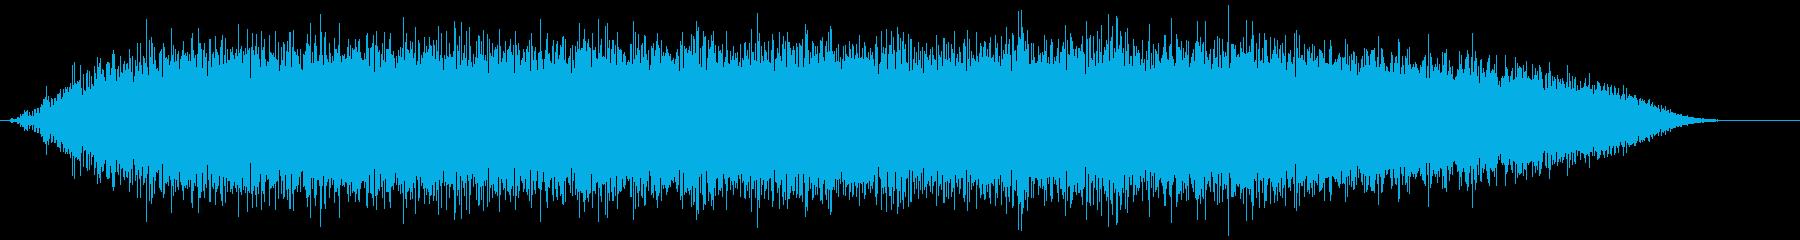 ドライヤー(ロー)の再生済みの波形